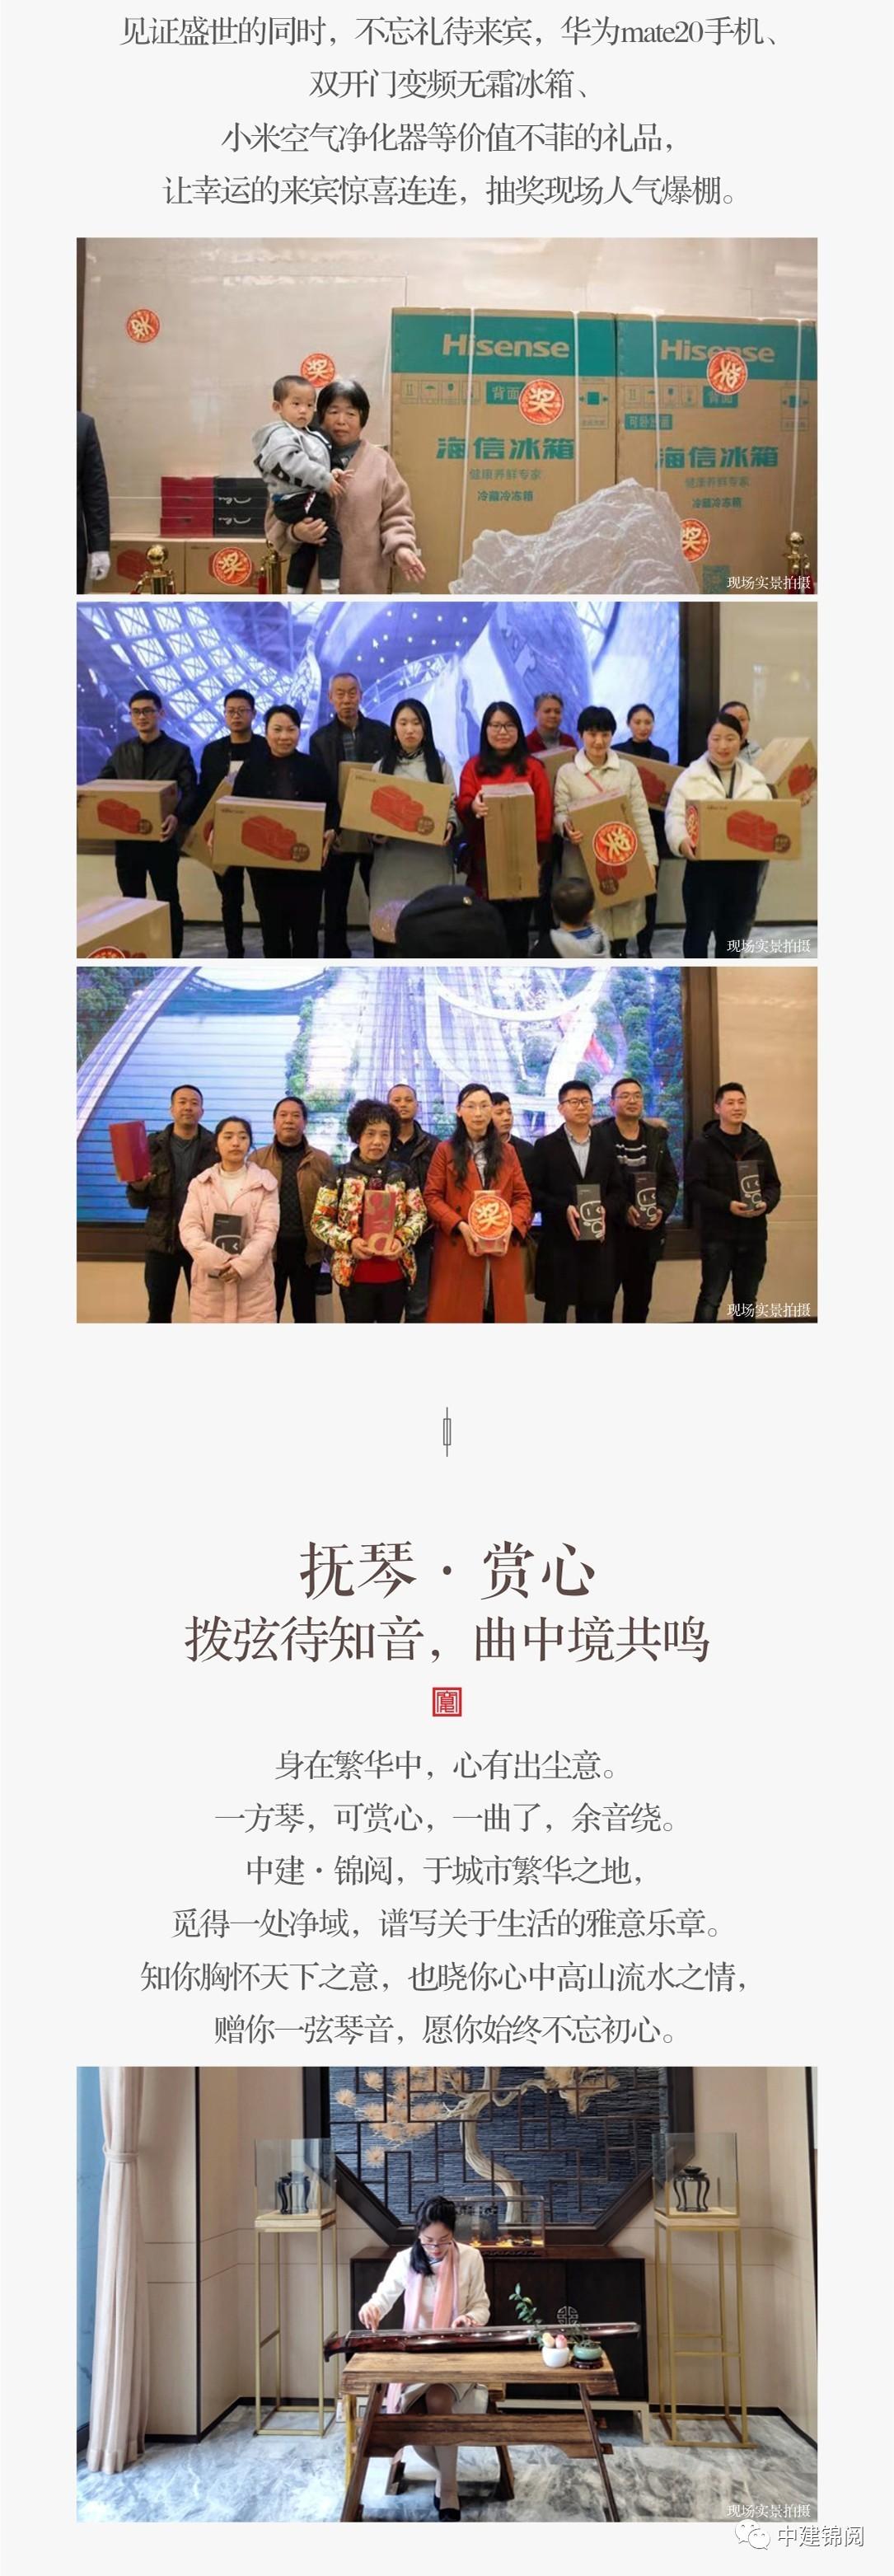 锦阅•初绽 | 遵义锦物阅现 只初鉴 已神往 -中国网地产